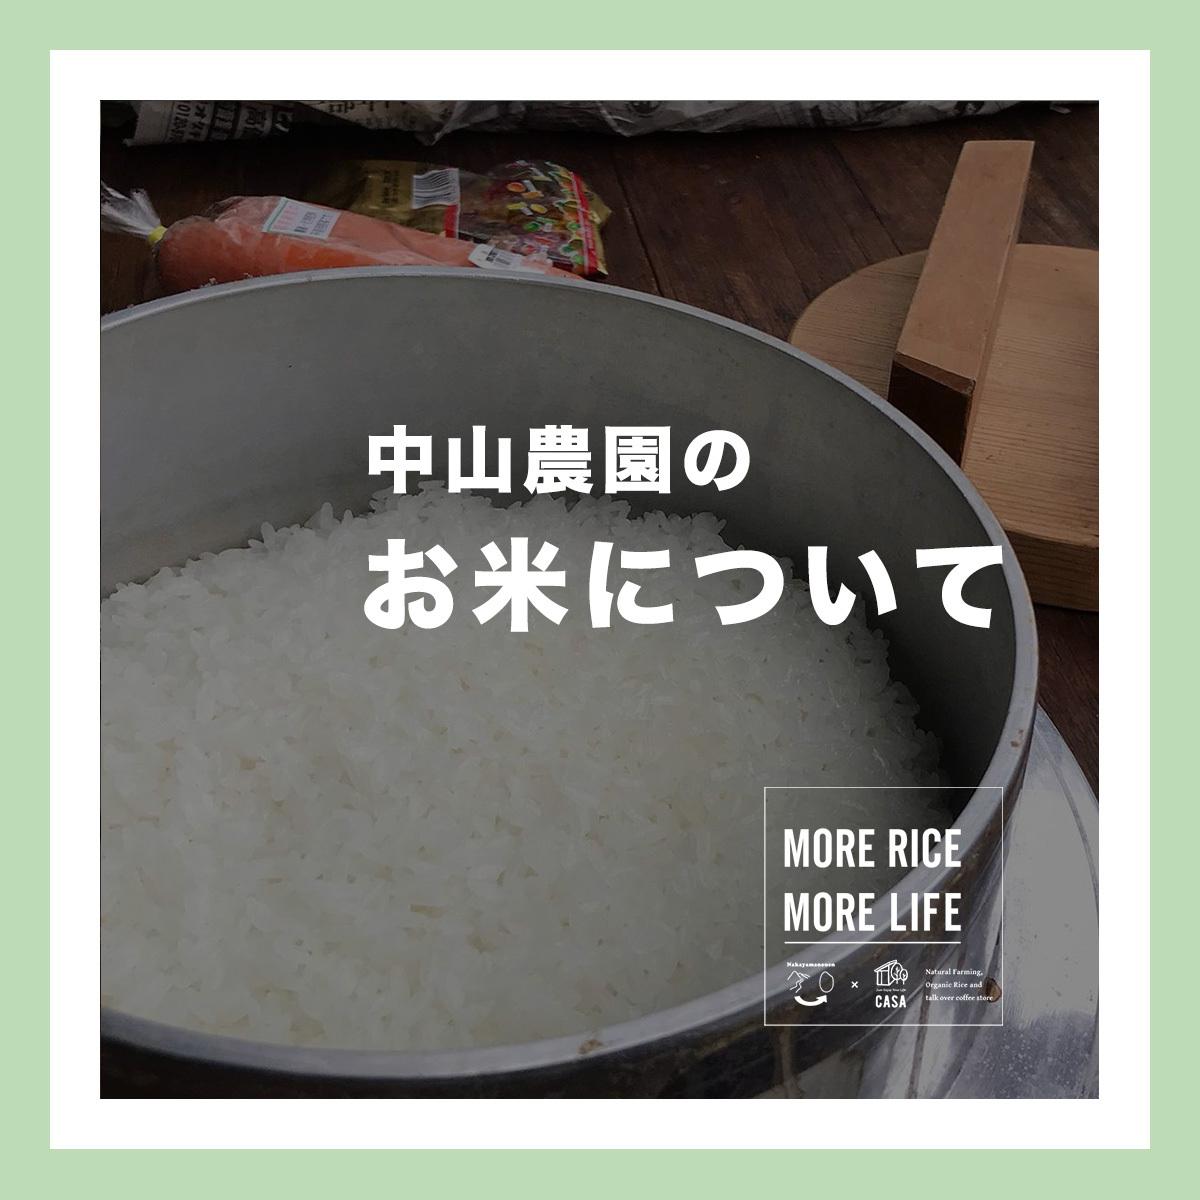 【ご紹介】お米について